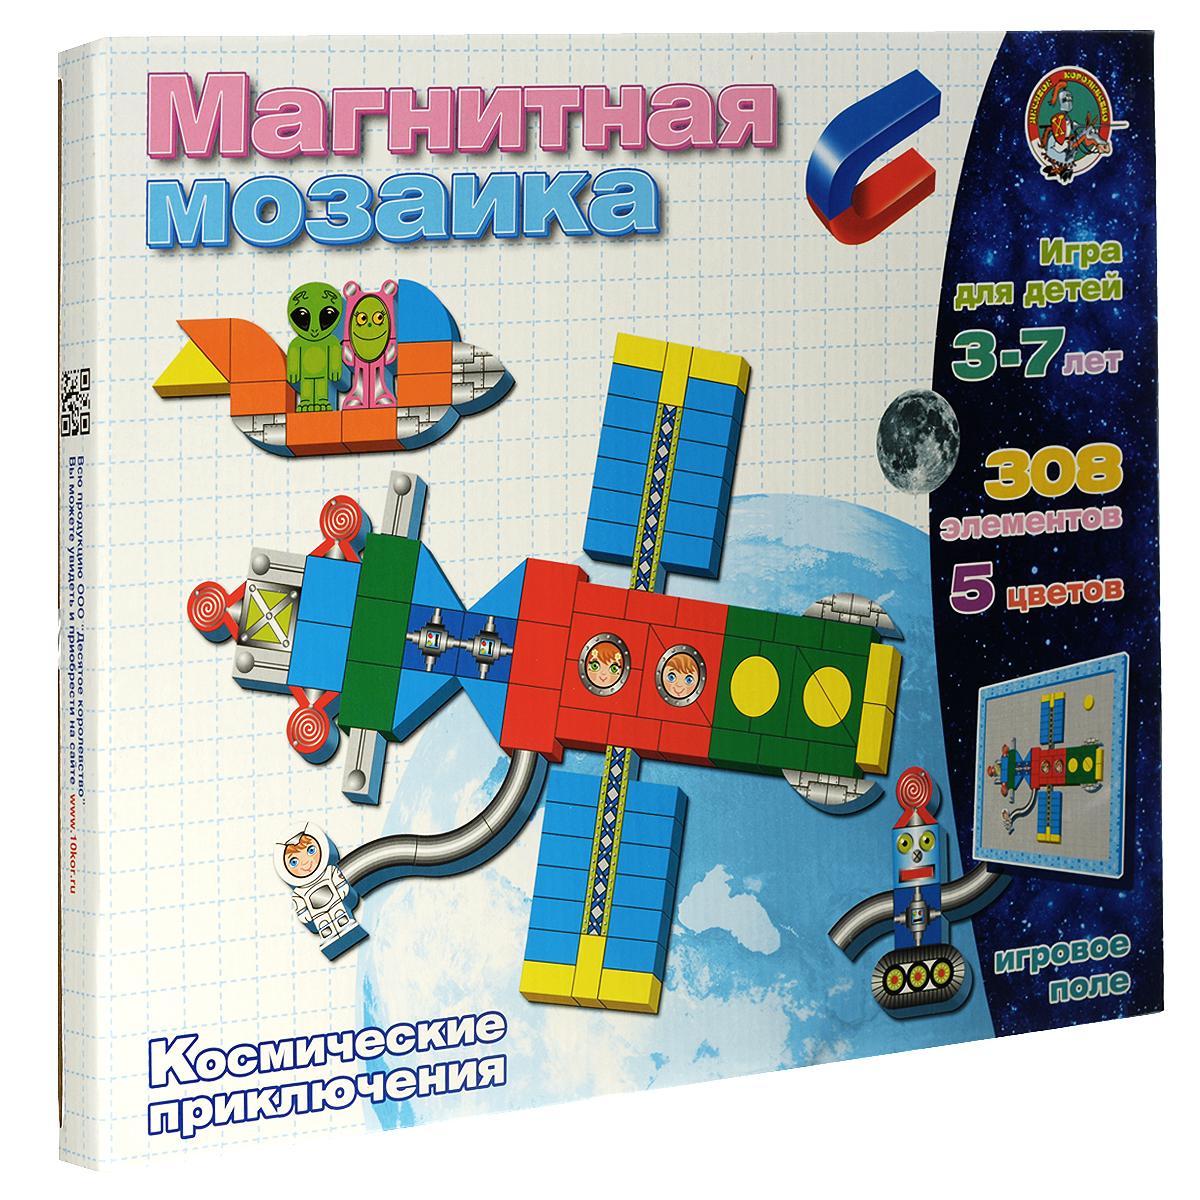 Магнитная мозаика Десятое королевство Космические приключения, 308 элементов01532Магнитная мозаика Десятое королевство Космические приключения - это яркая и увлекательная развивающая игра. В набор входят магнитная доска, 44 фишки, оформленные рисунками с космической тематикой и 264 разноцветных мозаичных элемента на магнитной основе, с помощью которых ребенок сможет создавать тематические картинки и все, что подскажет ему фантазия. Элементы мозаики выполнены из вспененного полимера в виде геометрических фигур и представлены пяти цветов. Магнитная мозаика часто рекомендуется педагогами для развития у детей мелкой моторики. Мозаику с магнитным полем можно использовать как конструктор. Игры с магнитной мозаикой Десятое королевство Космические приключения способствуют развитию у малышей мелкой моторики рук, координации движений, внимательности, логического и абстрактного мышления, ориентировки на плоскости, а также воображения и творческих способностей. Рекомендуемый возраст: от 3 до 7 лет.